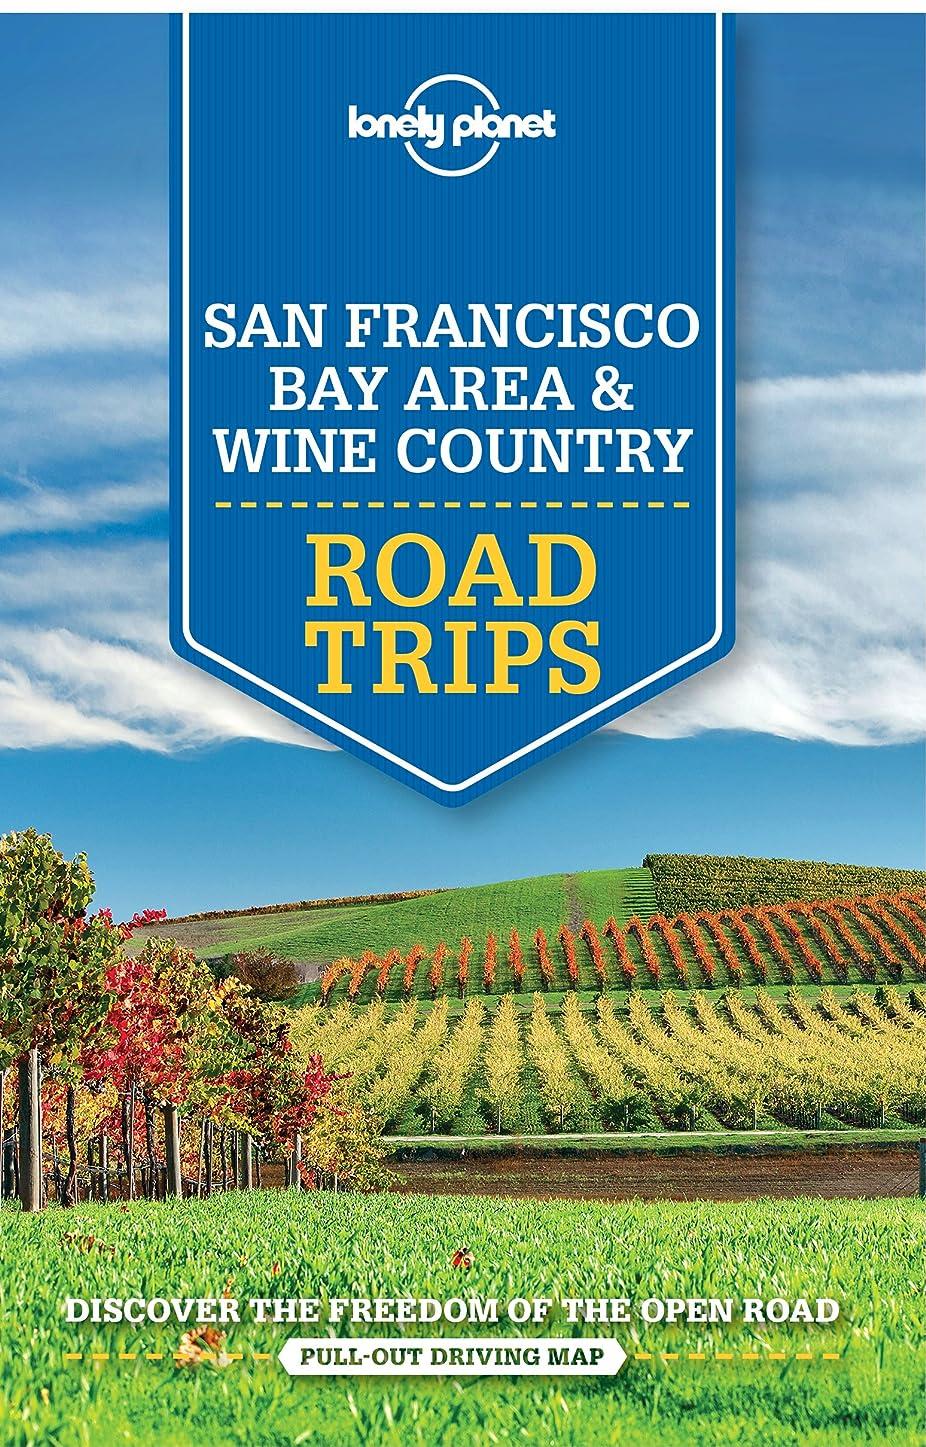 予知バックアップ貼り直すLonely Planet San Francisco Bay Area & Wine Country Road Trips (Travel Guide) (English Edition)